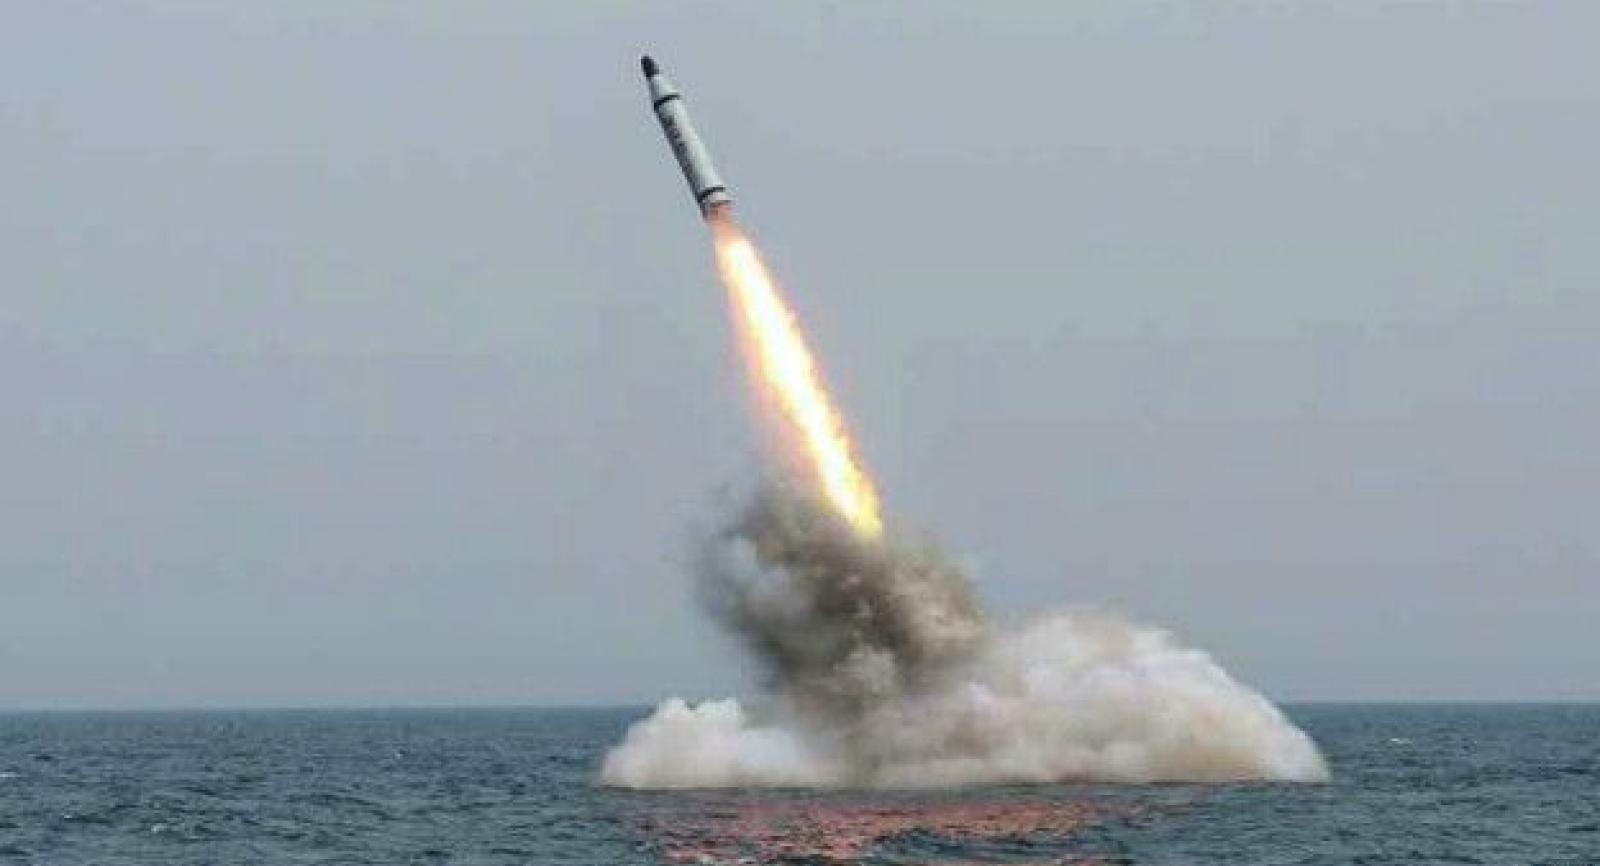 Северная Корея подтвердила, что провела запуск баллистической ракеты с подводной лодки